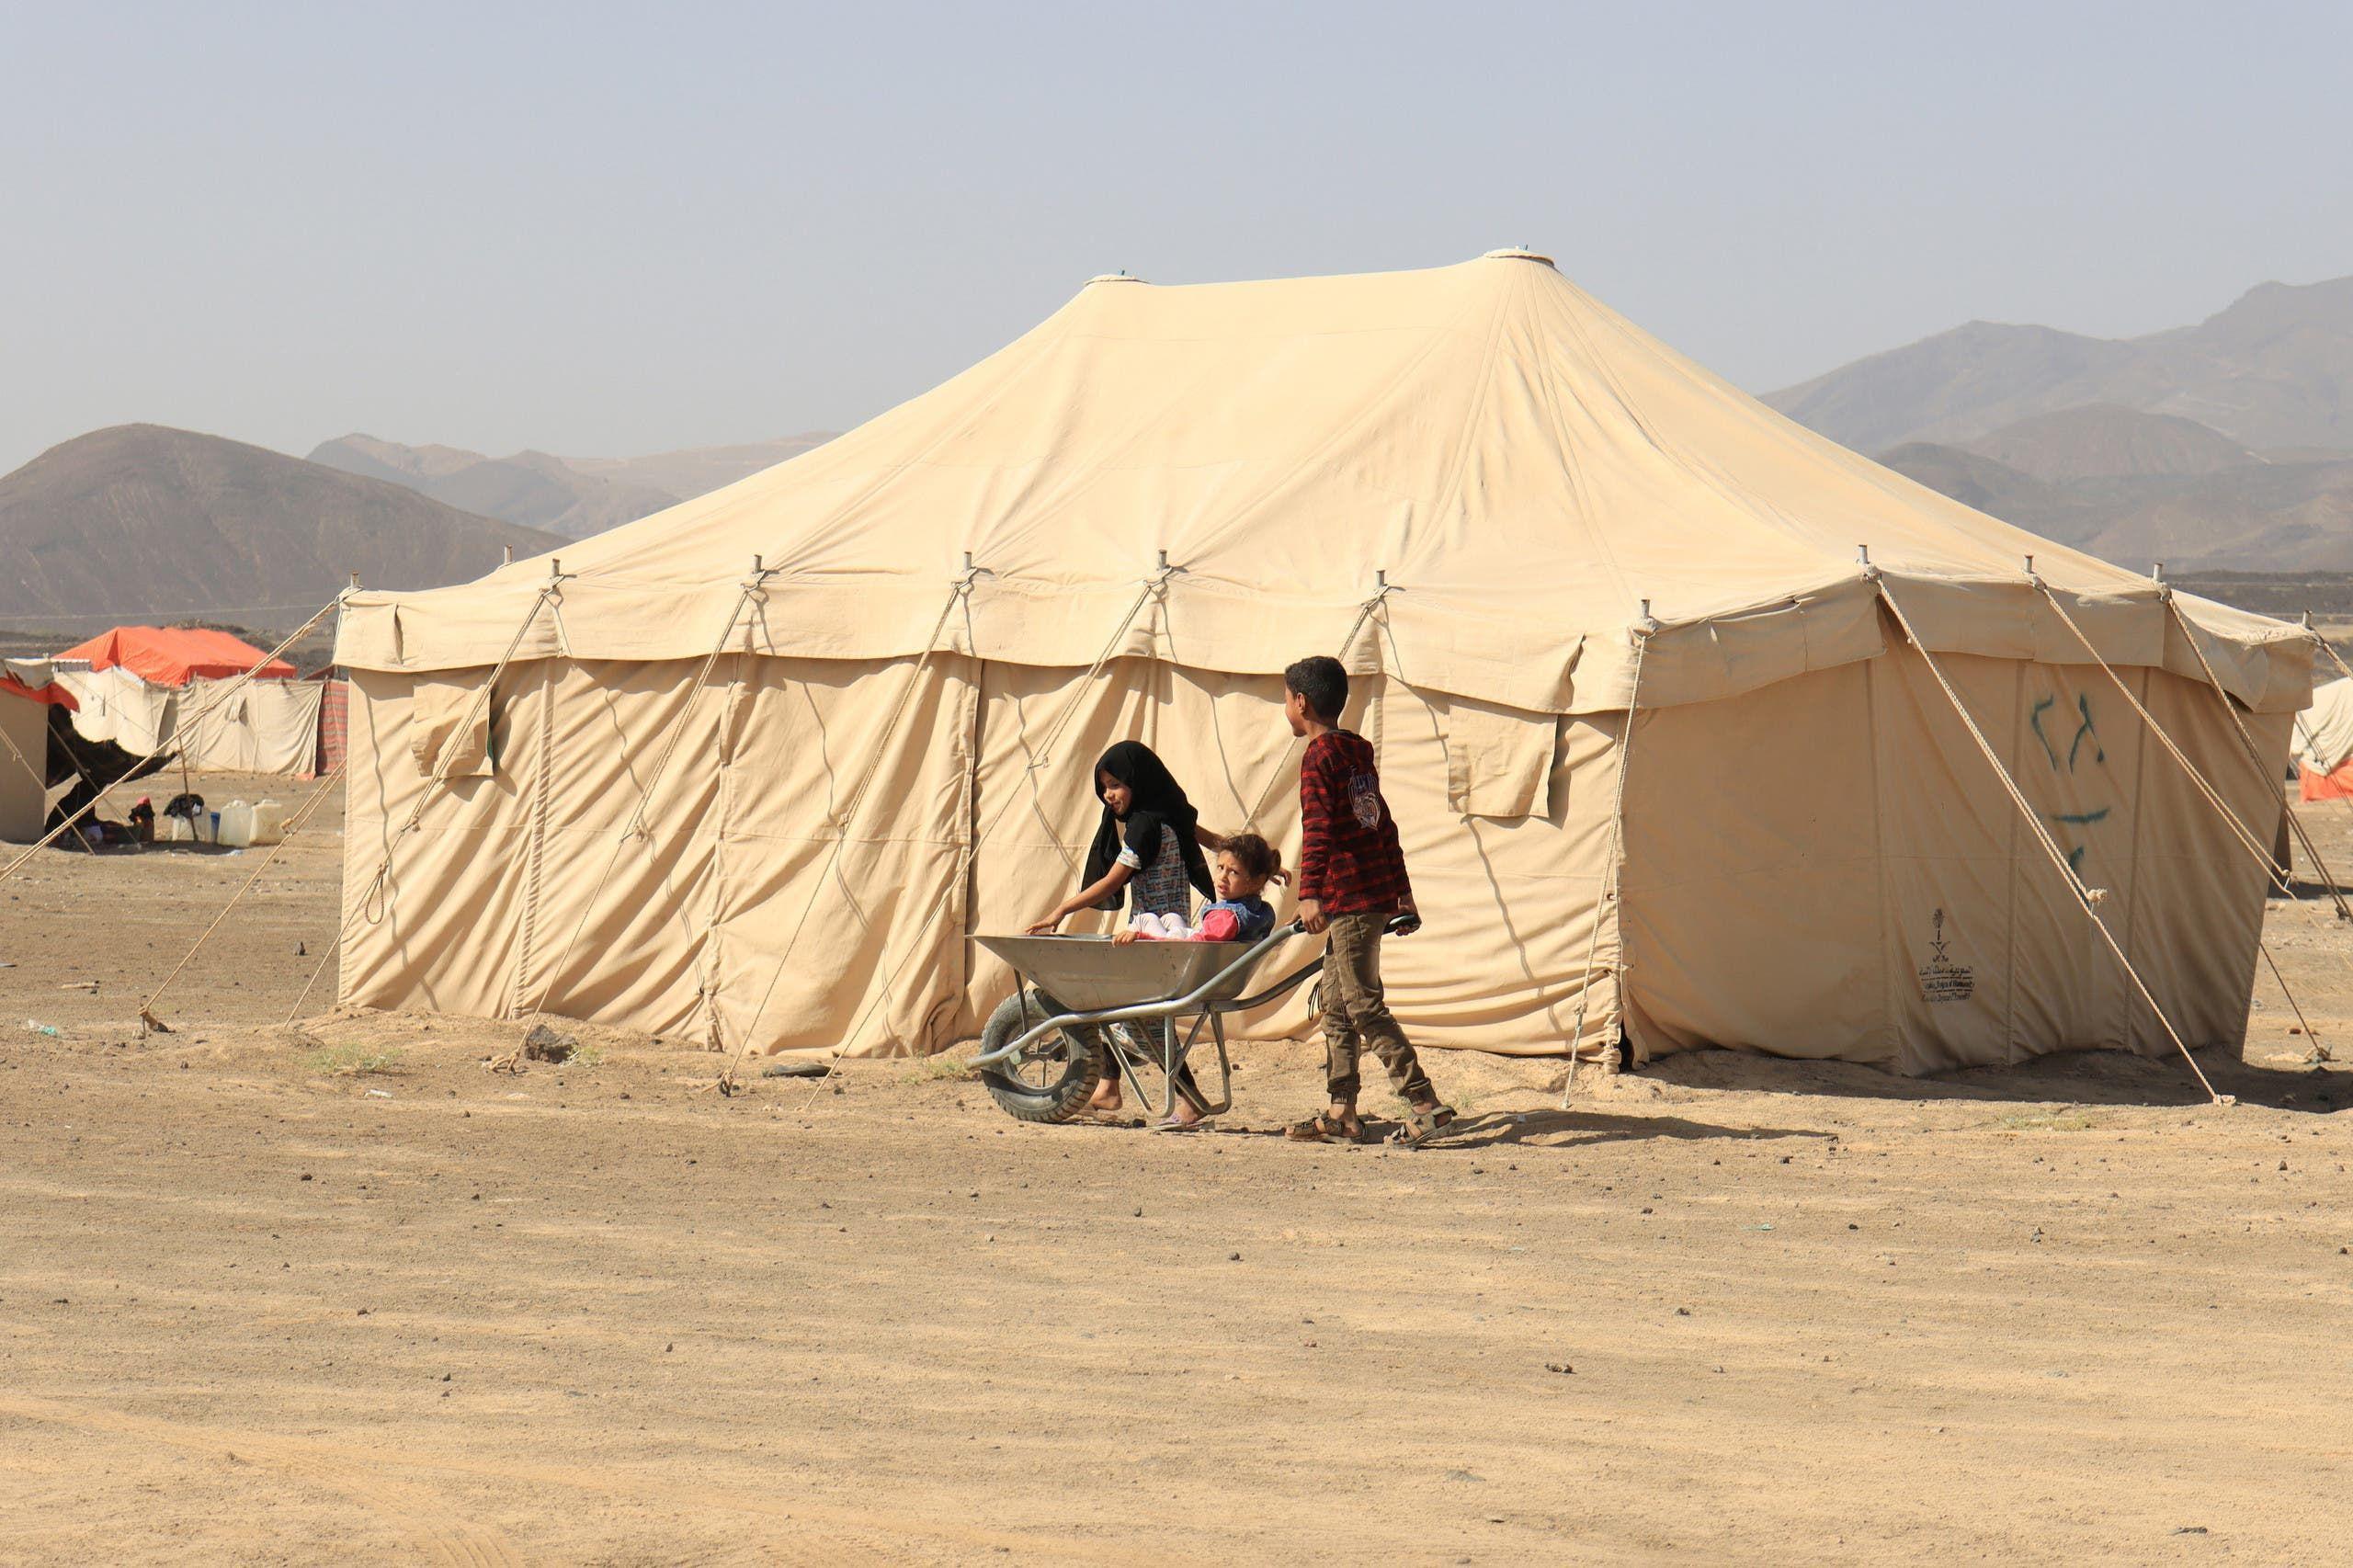 مخيم للنازحين في مأرب